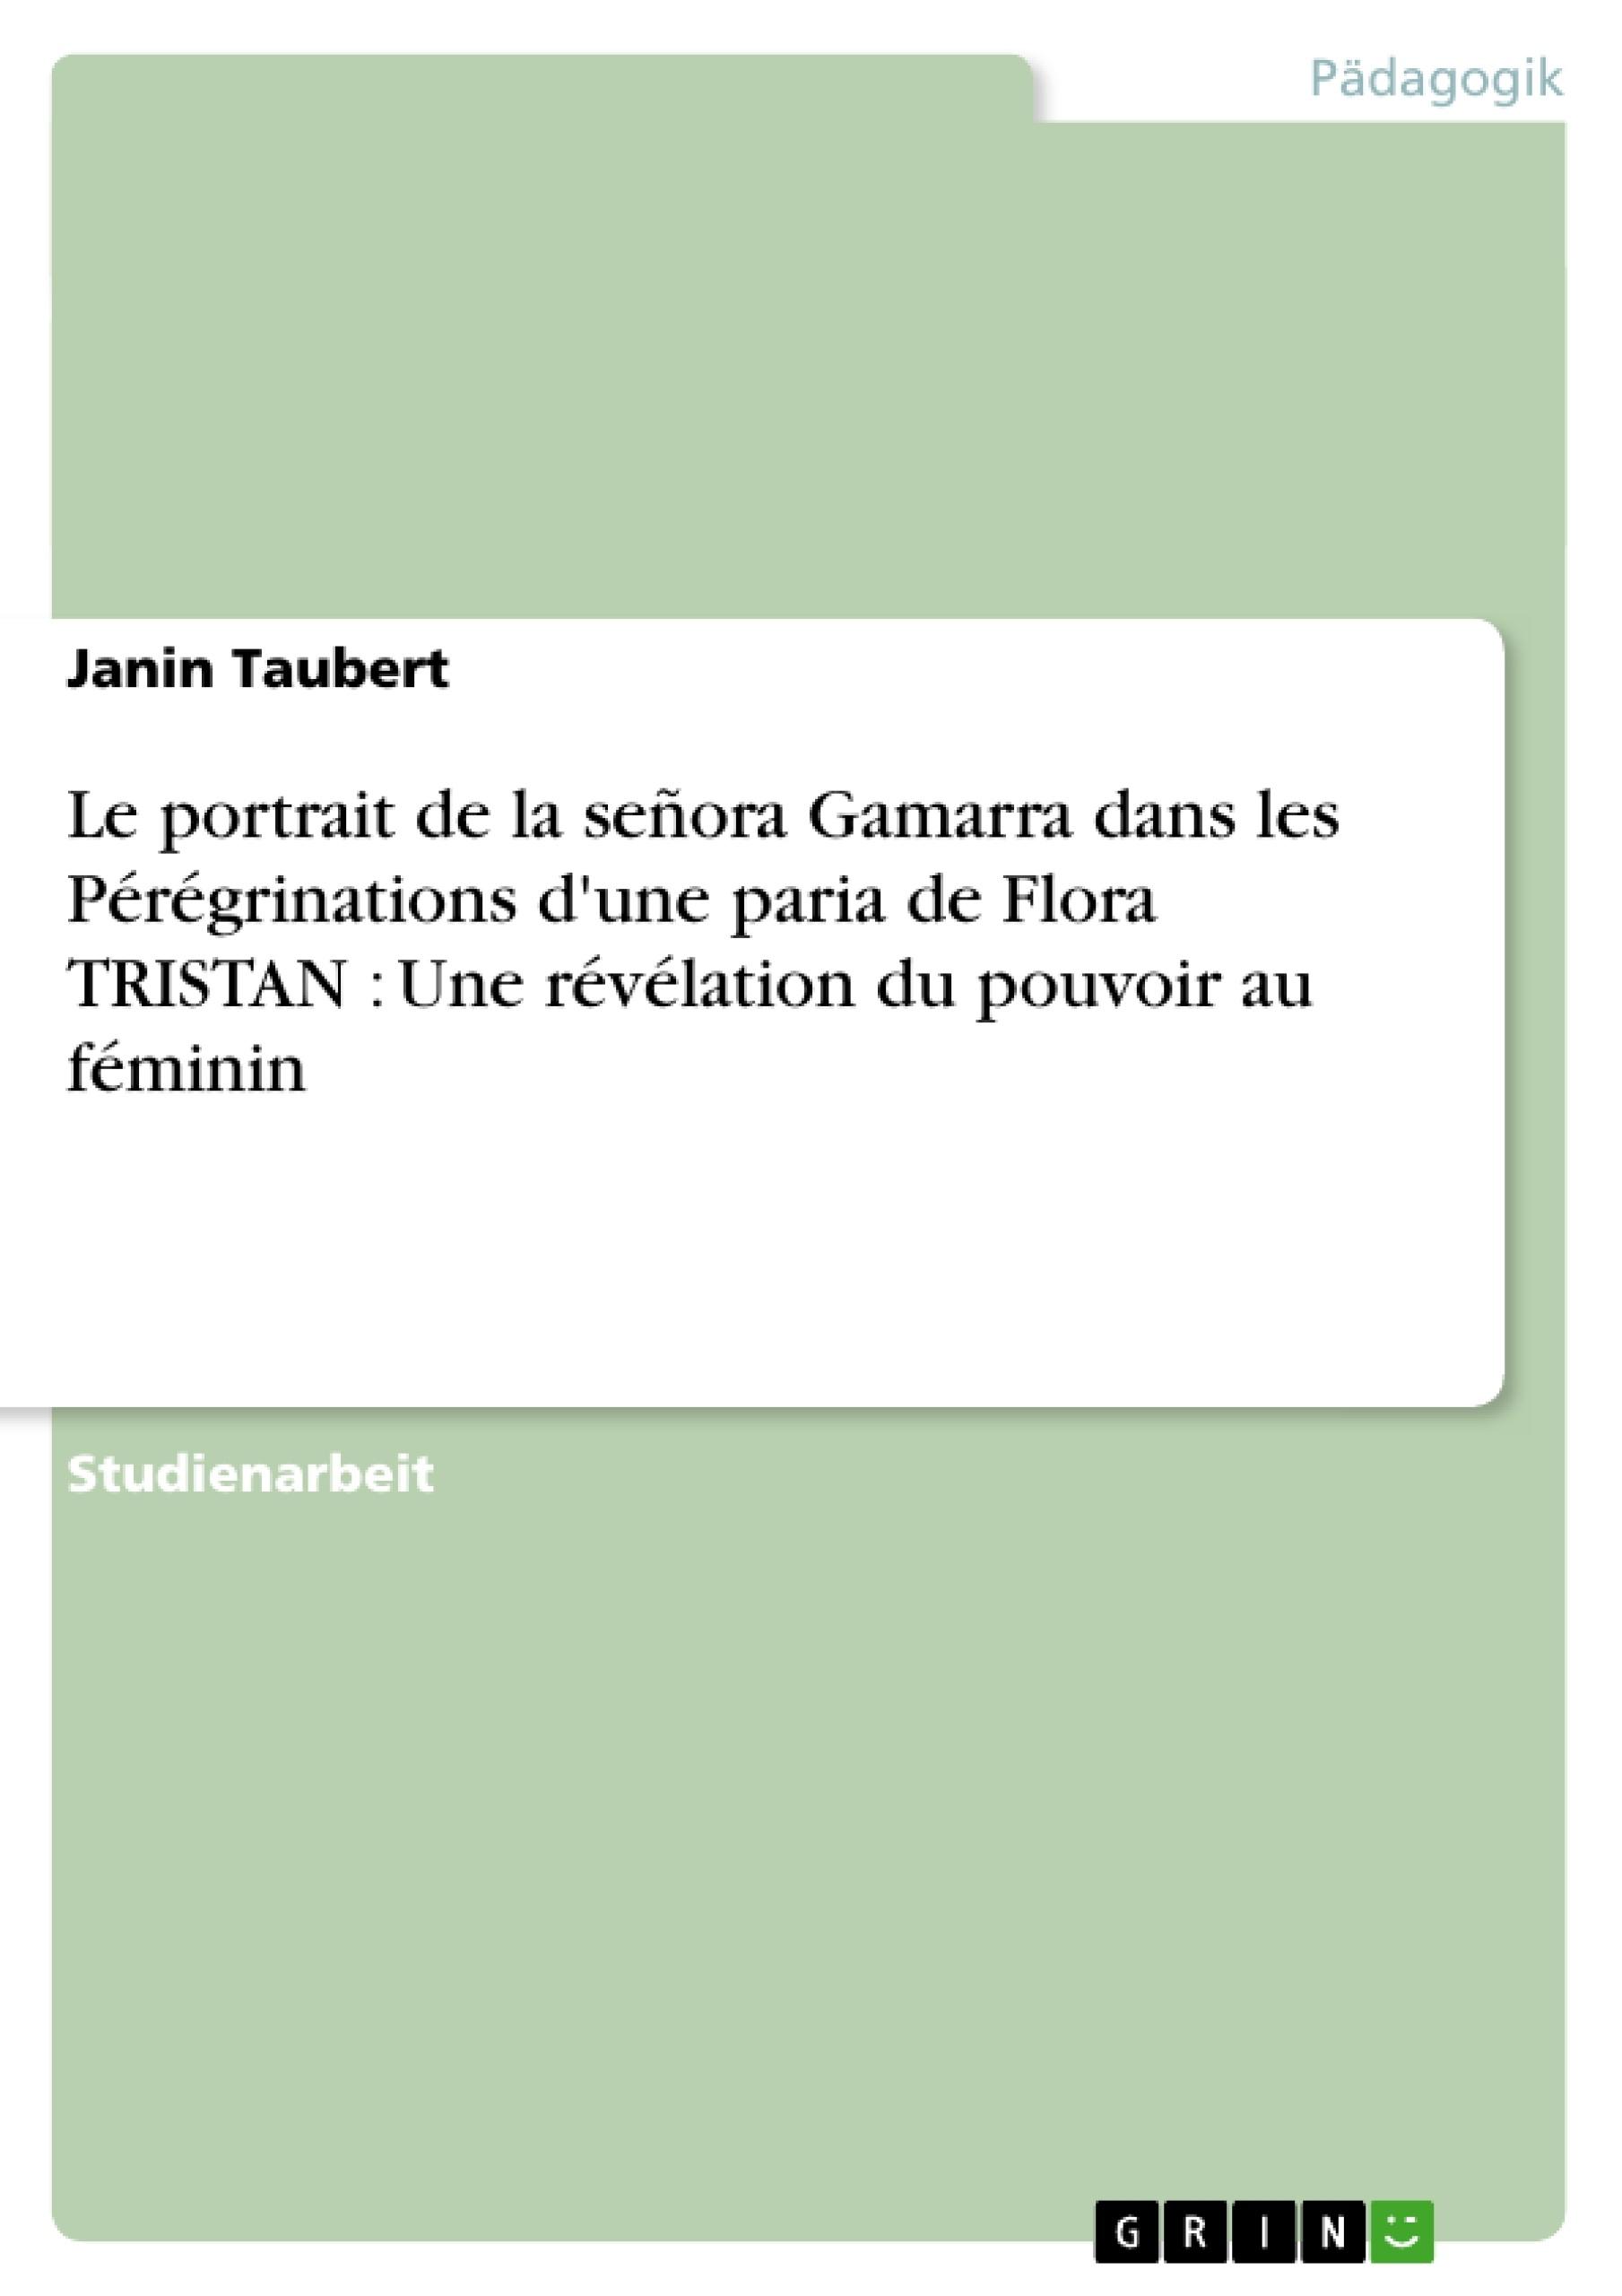 Titel: Le portrait de la señora Gamarra dans les Pérégrinations d'une paria de Flora TRISTAN : Une révélation du pouvoir au féminin